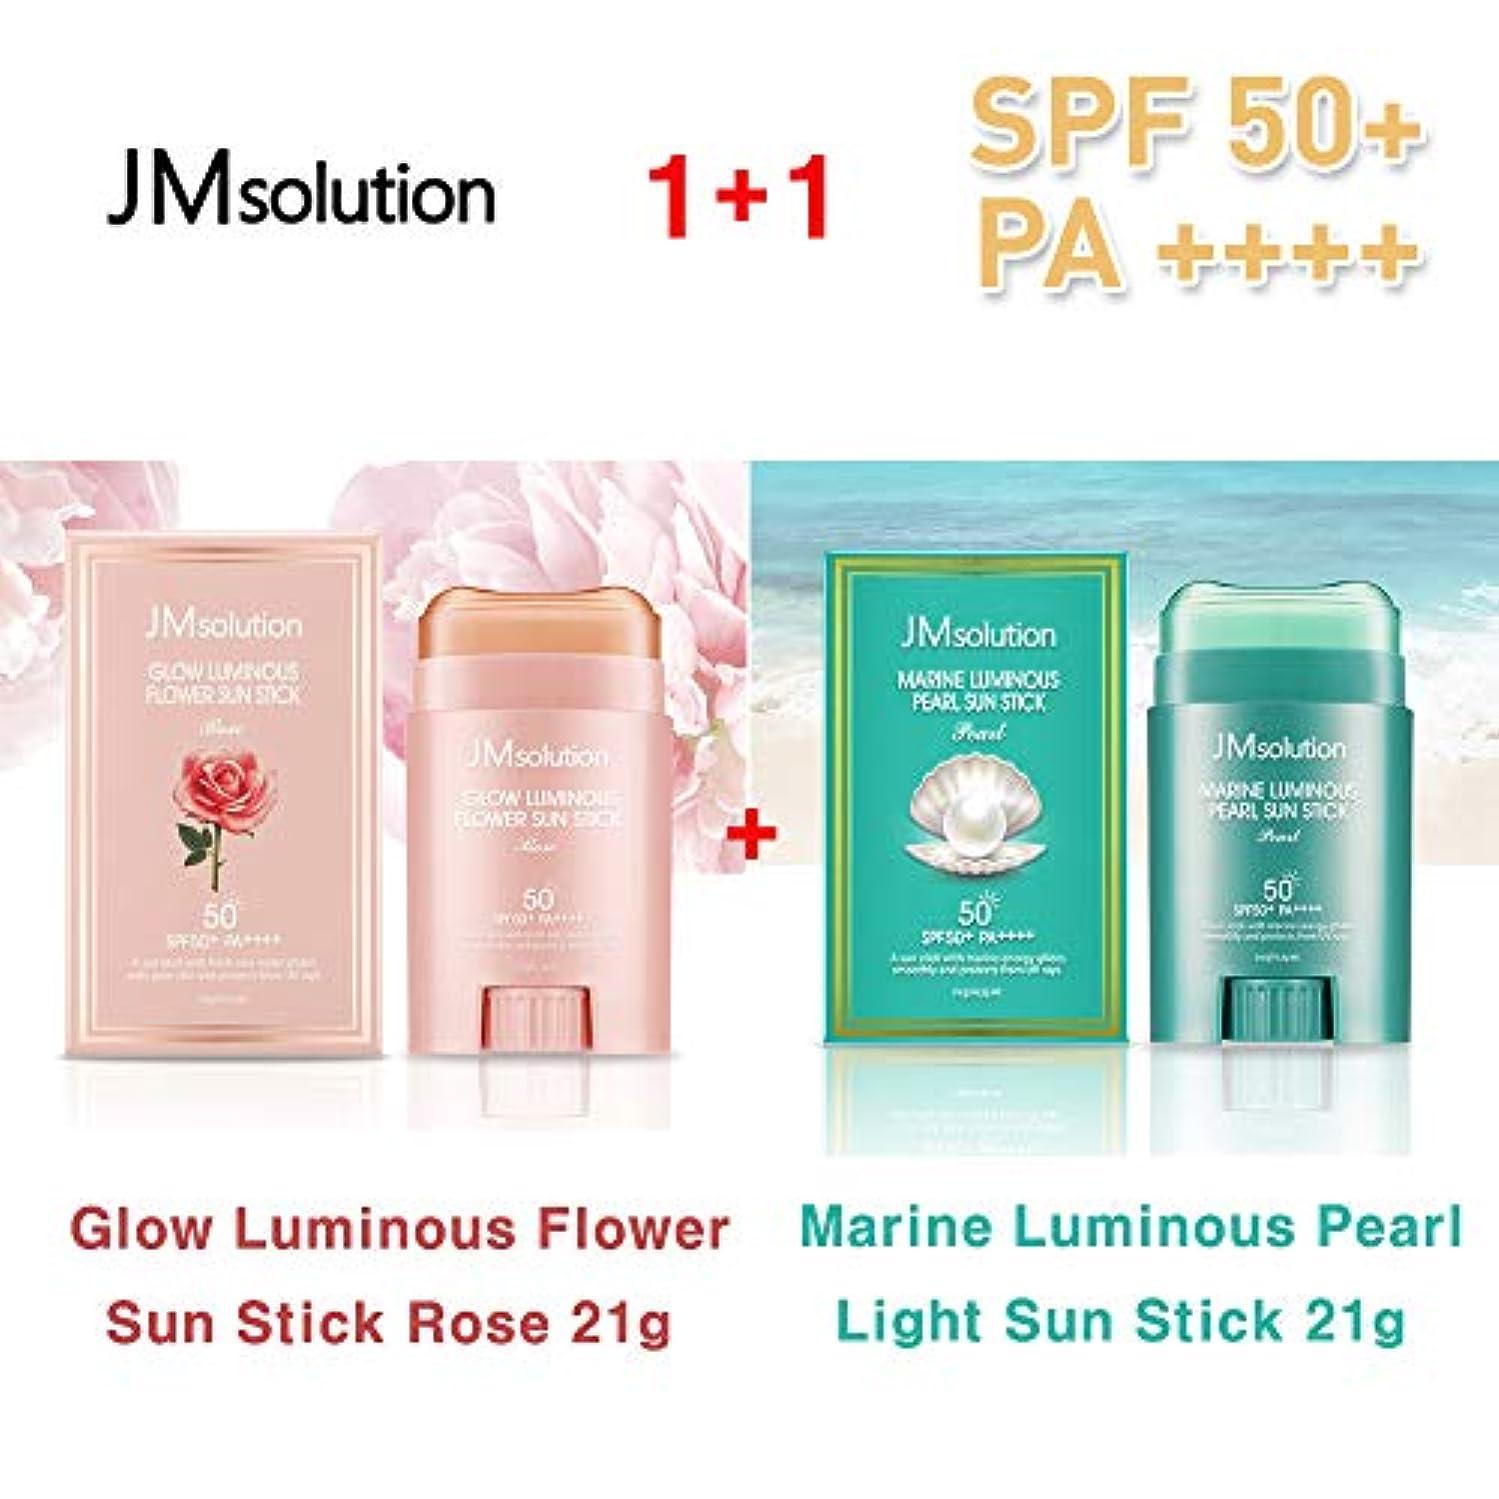 クライマックス帆幸運なJM Solution ★1+1★ Glow Luminous Flower Sun Stick Rose 21g + Marine Luminous Pearl Light Sun Stick 21g / 光る輝く花Sun Stick Rose + マリンルミナスパールライトサンスティック21g /